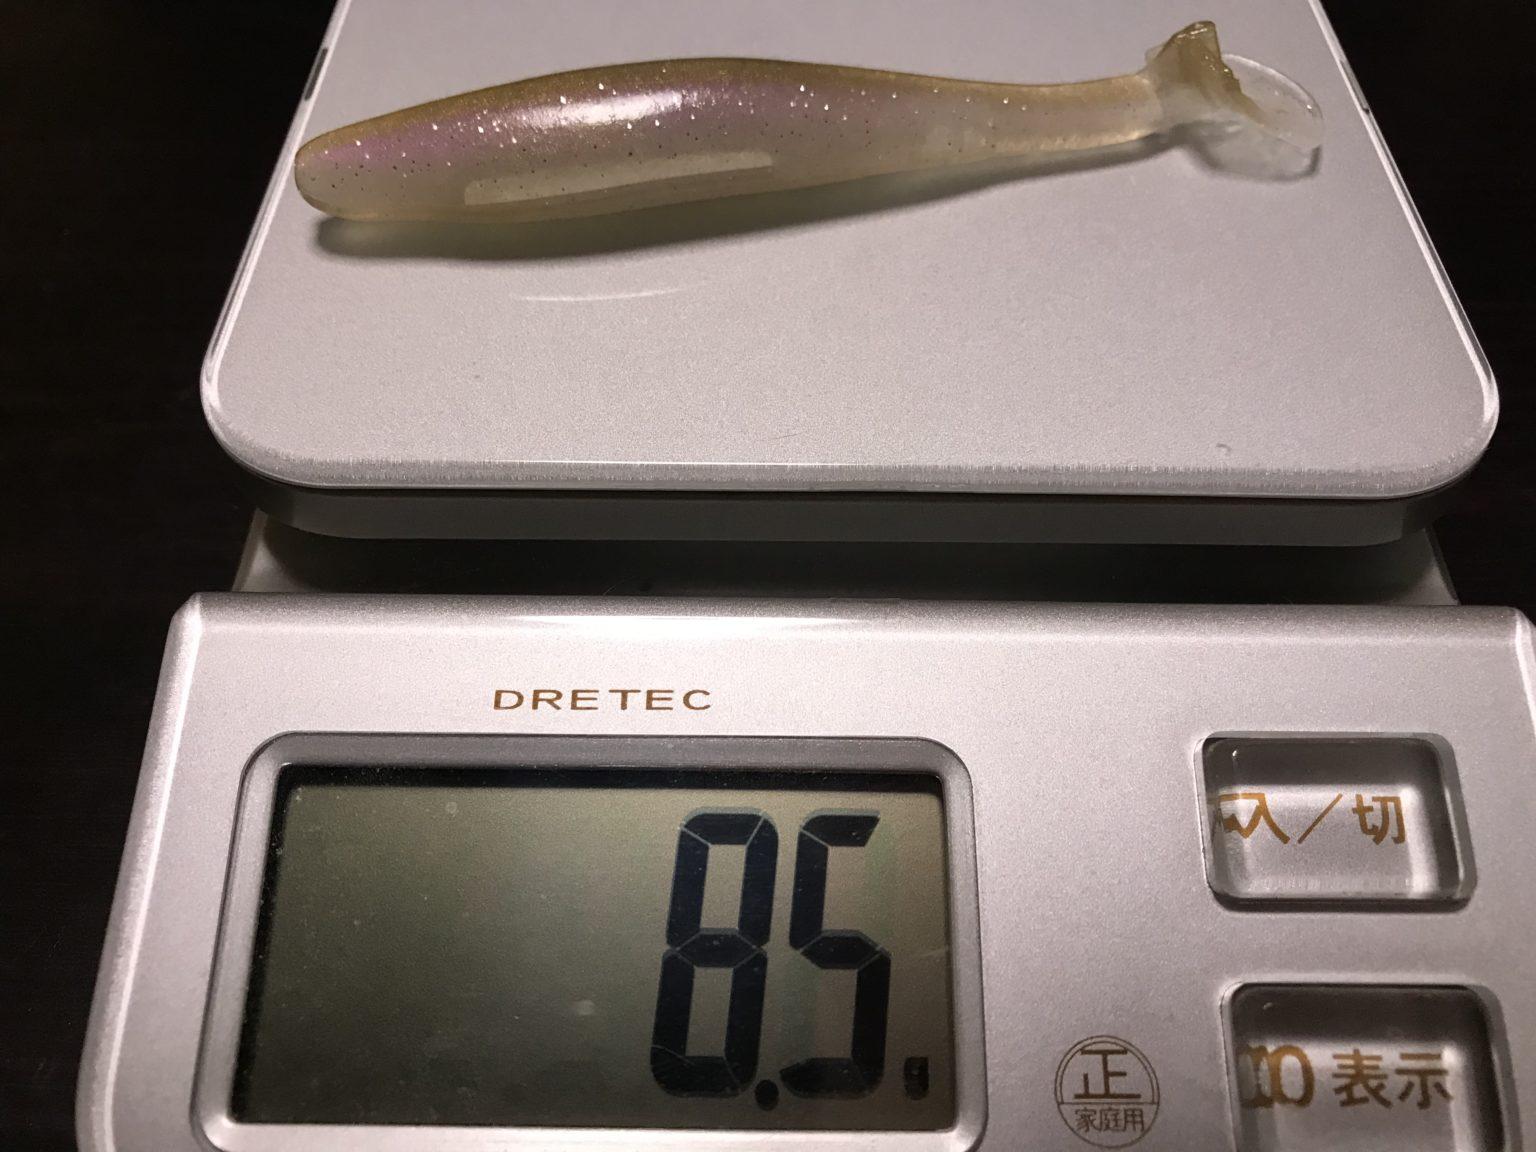 バリキシャッド3.8インチの重さ